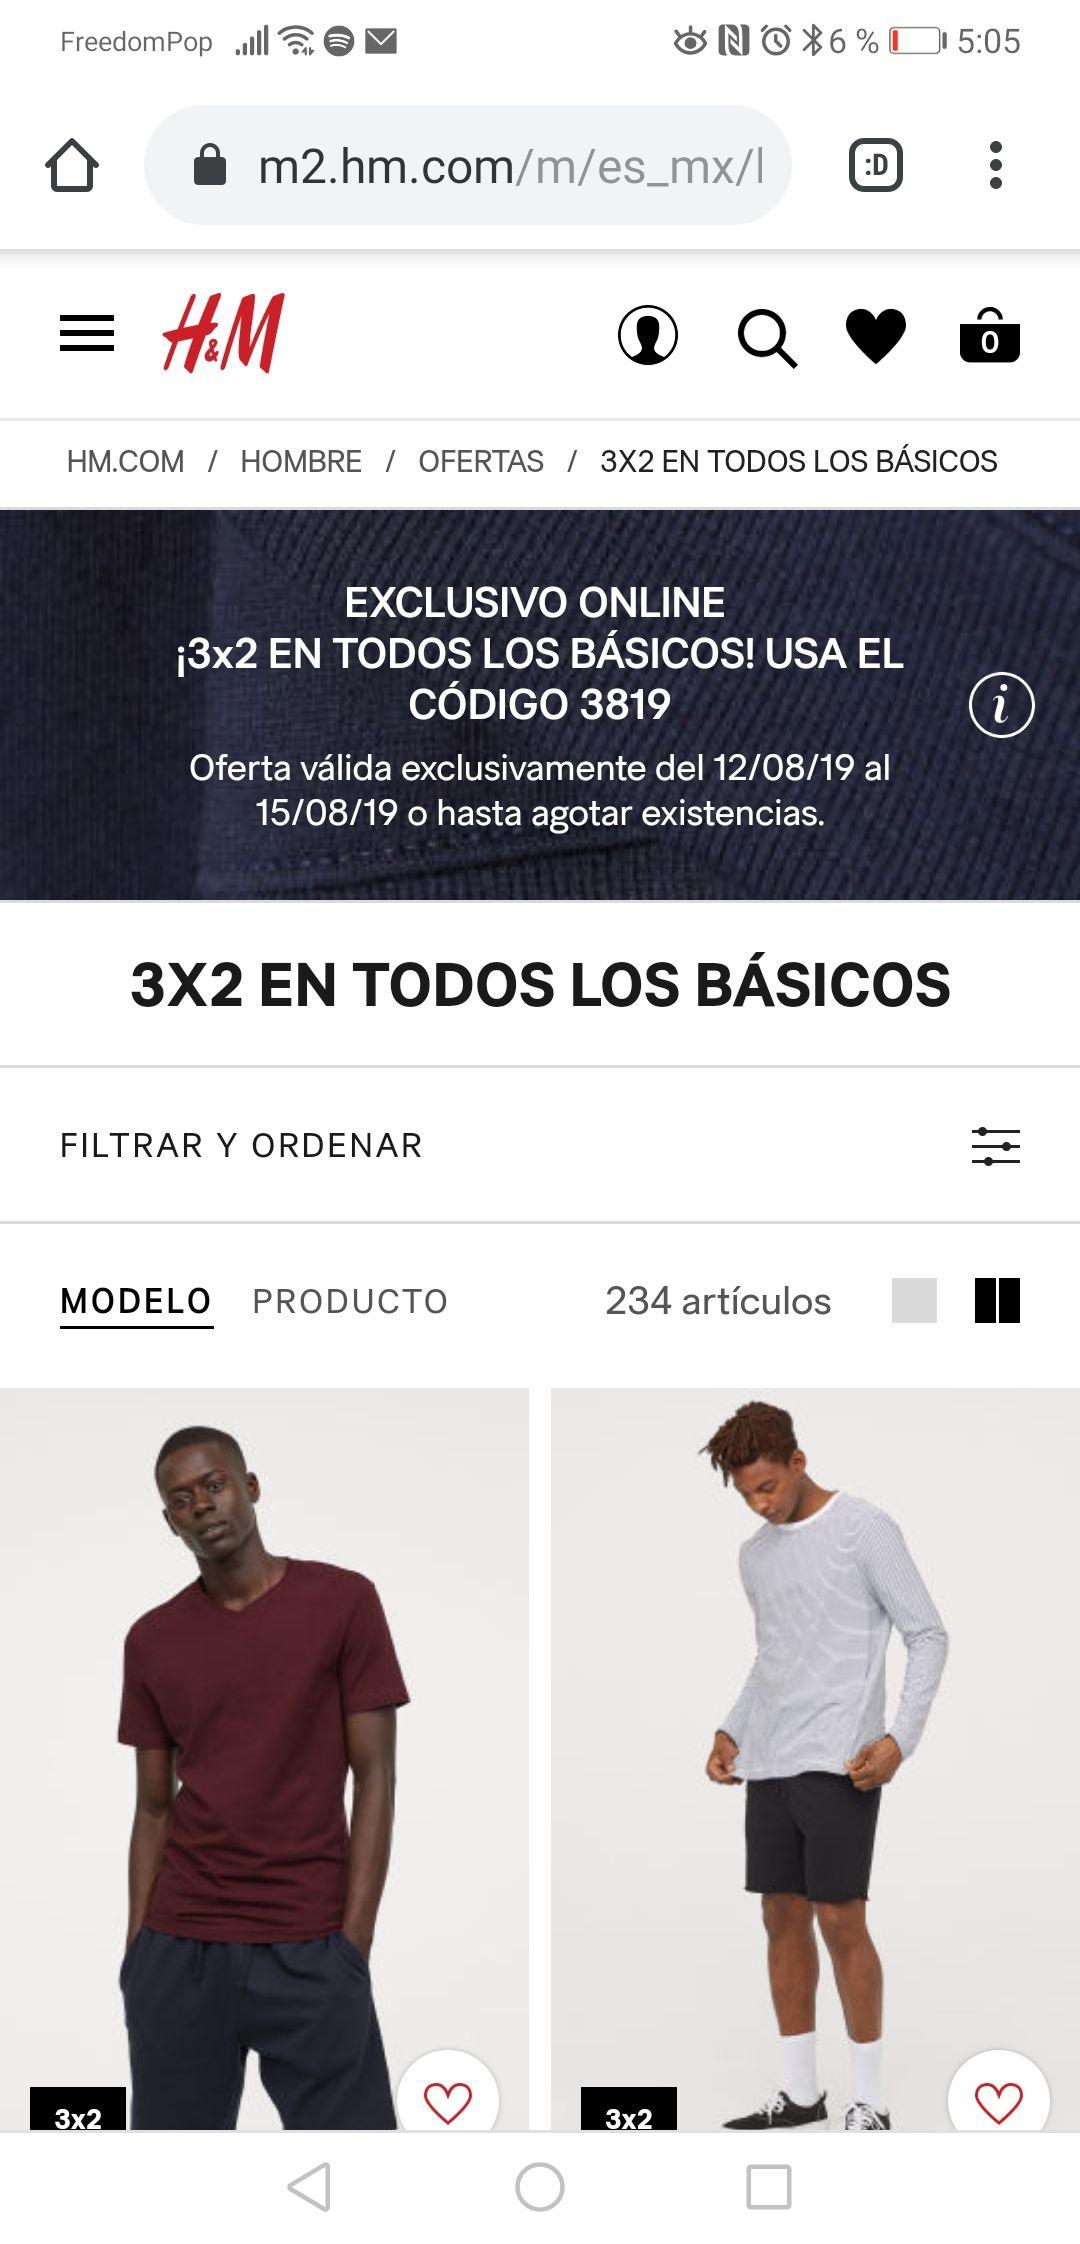 H&M en línea: 3 x 2 en ropa